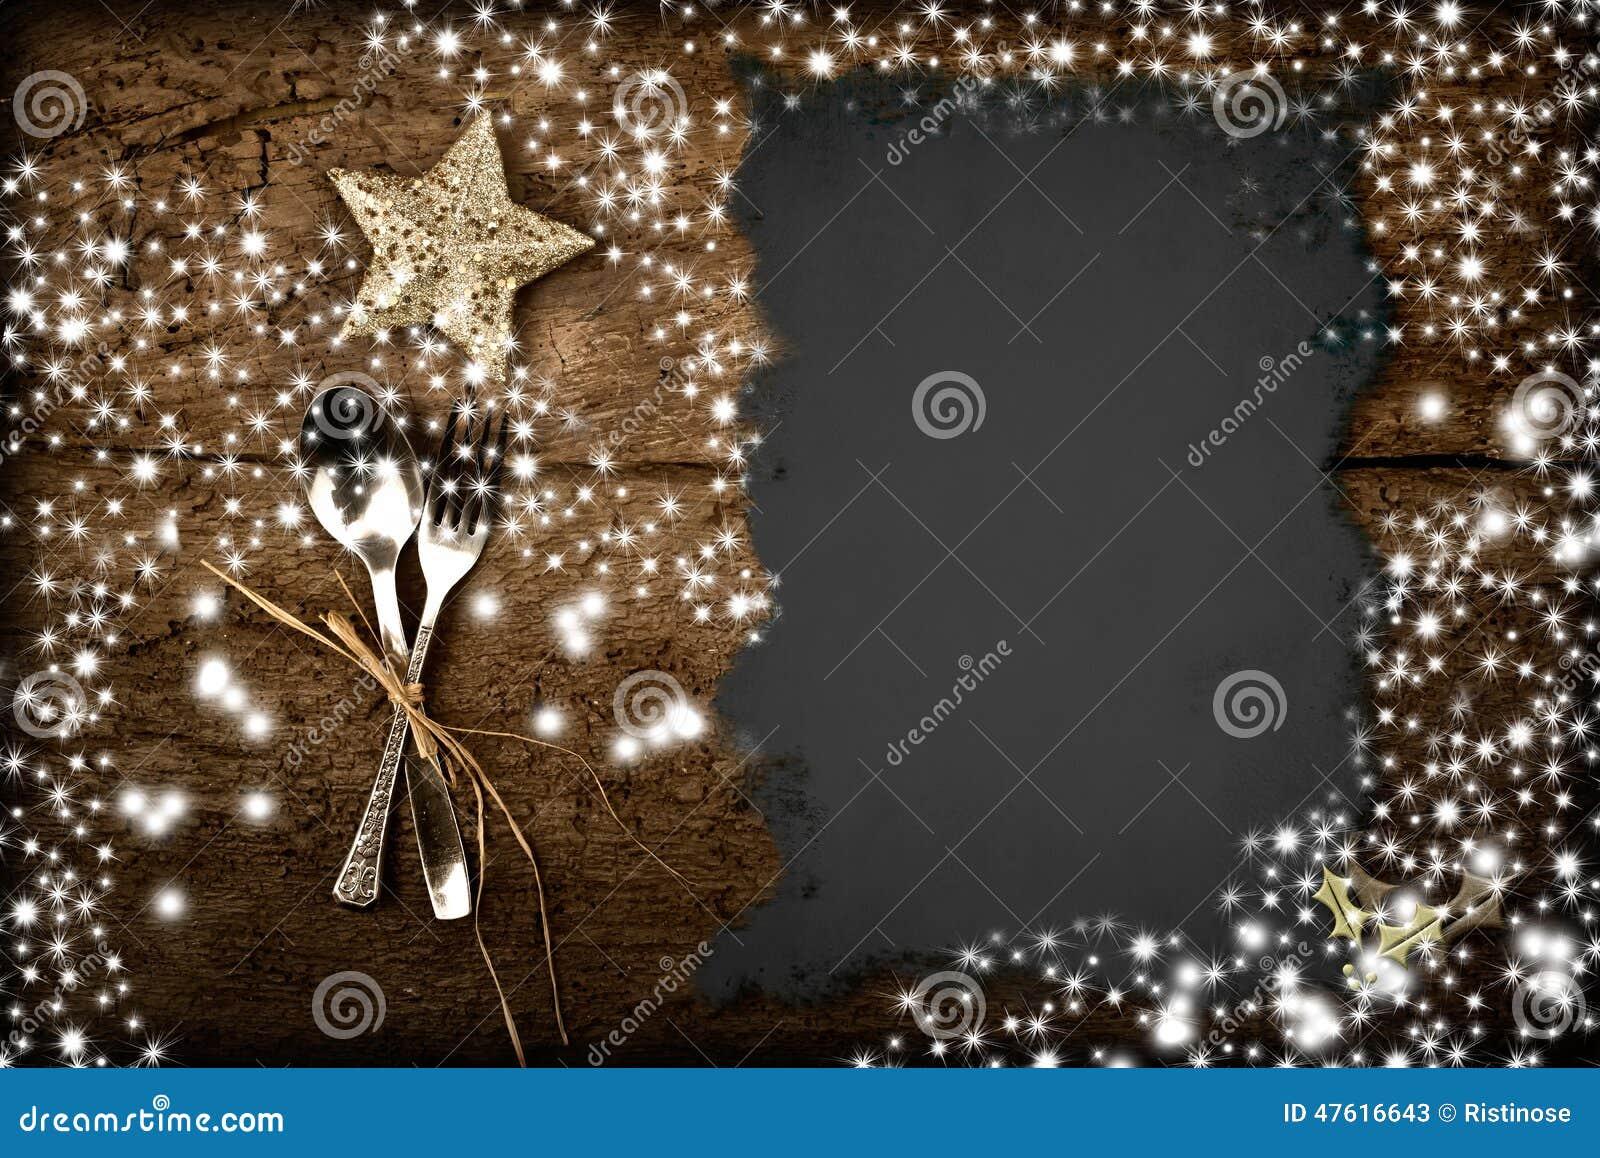 Decoration Pour Menu De Noel.Fond Pour Ecrire Le Menu De Noel Image Stock Image Du